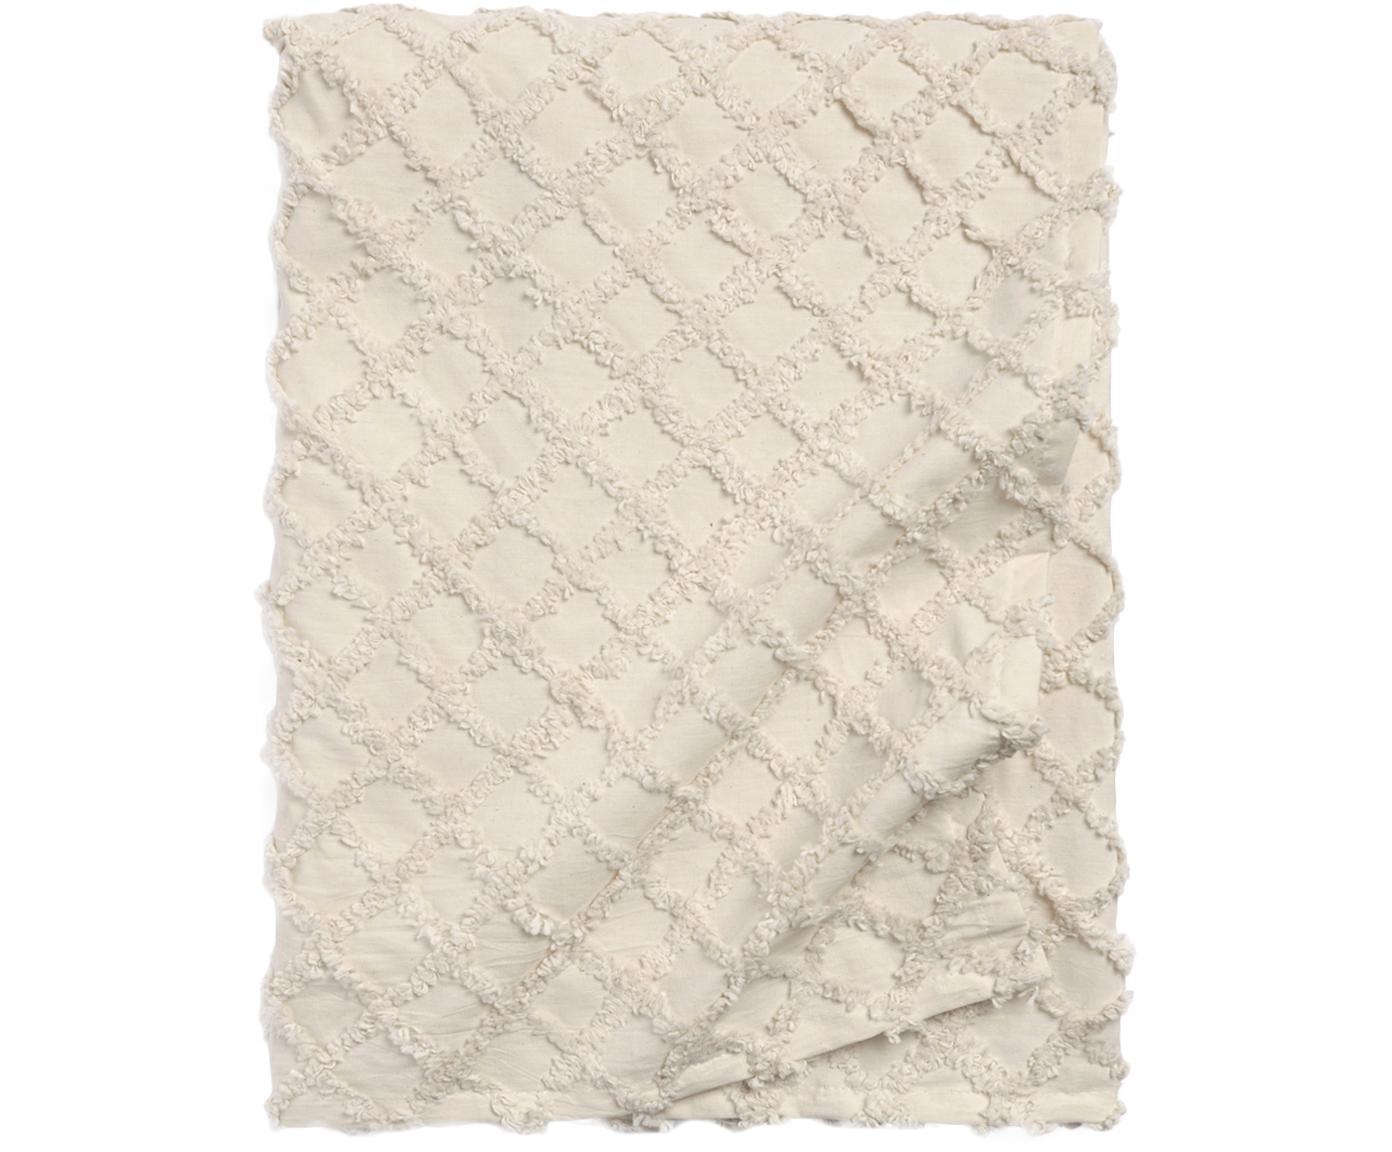 Narzuta z wypukłym wzorem Royal, 100% bawełna, Kremowobiały, S 240 x D 260 cm